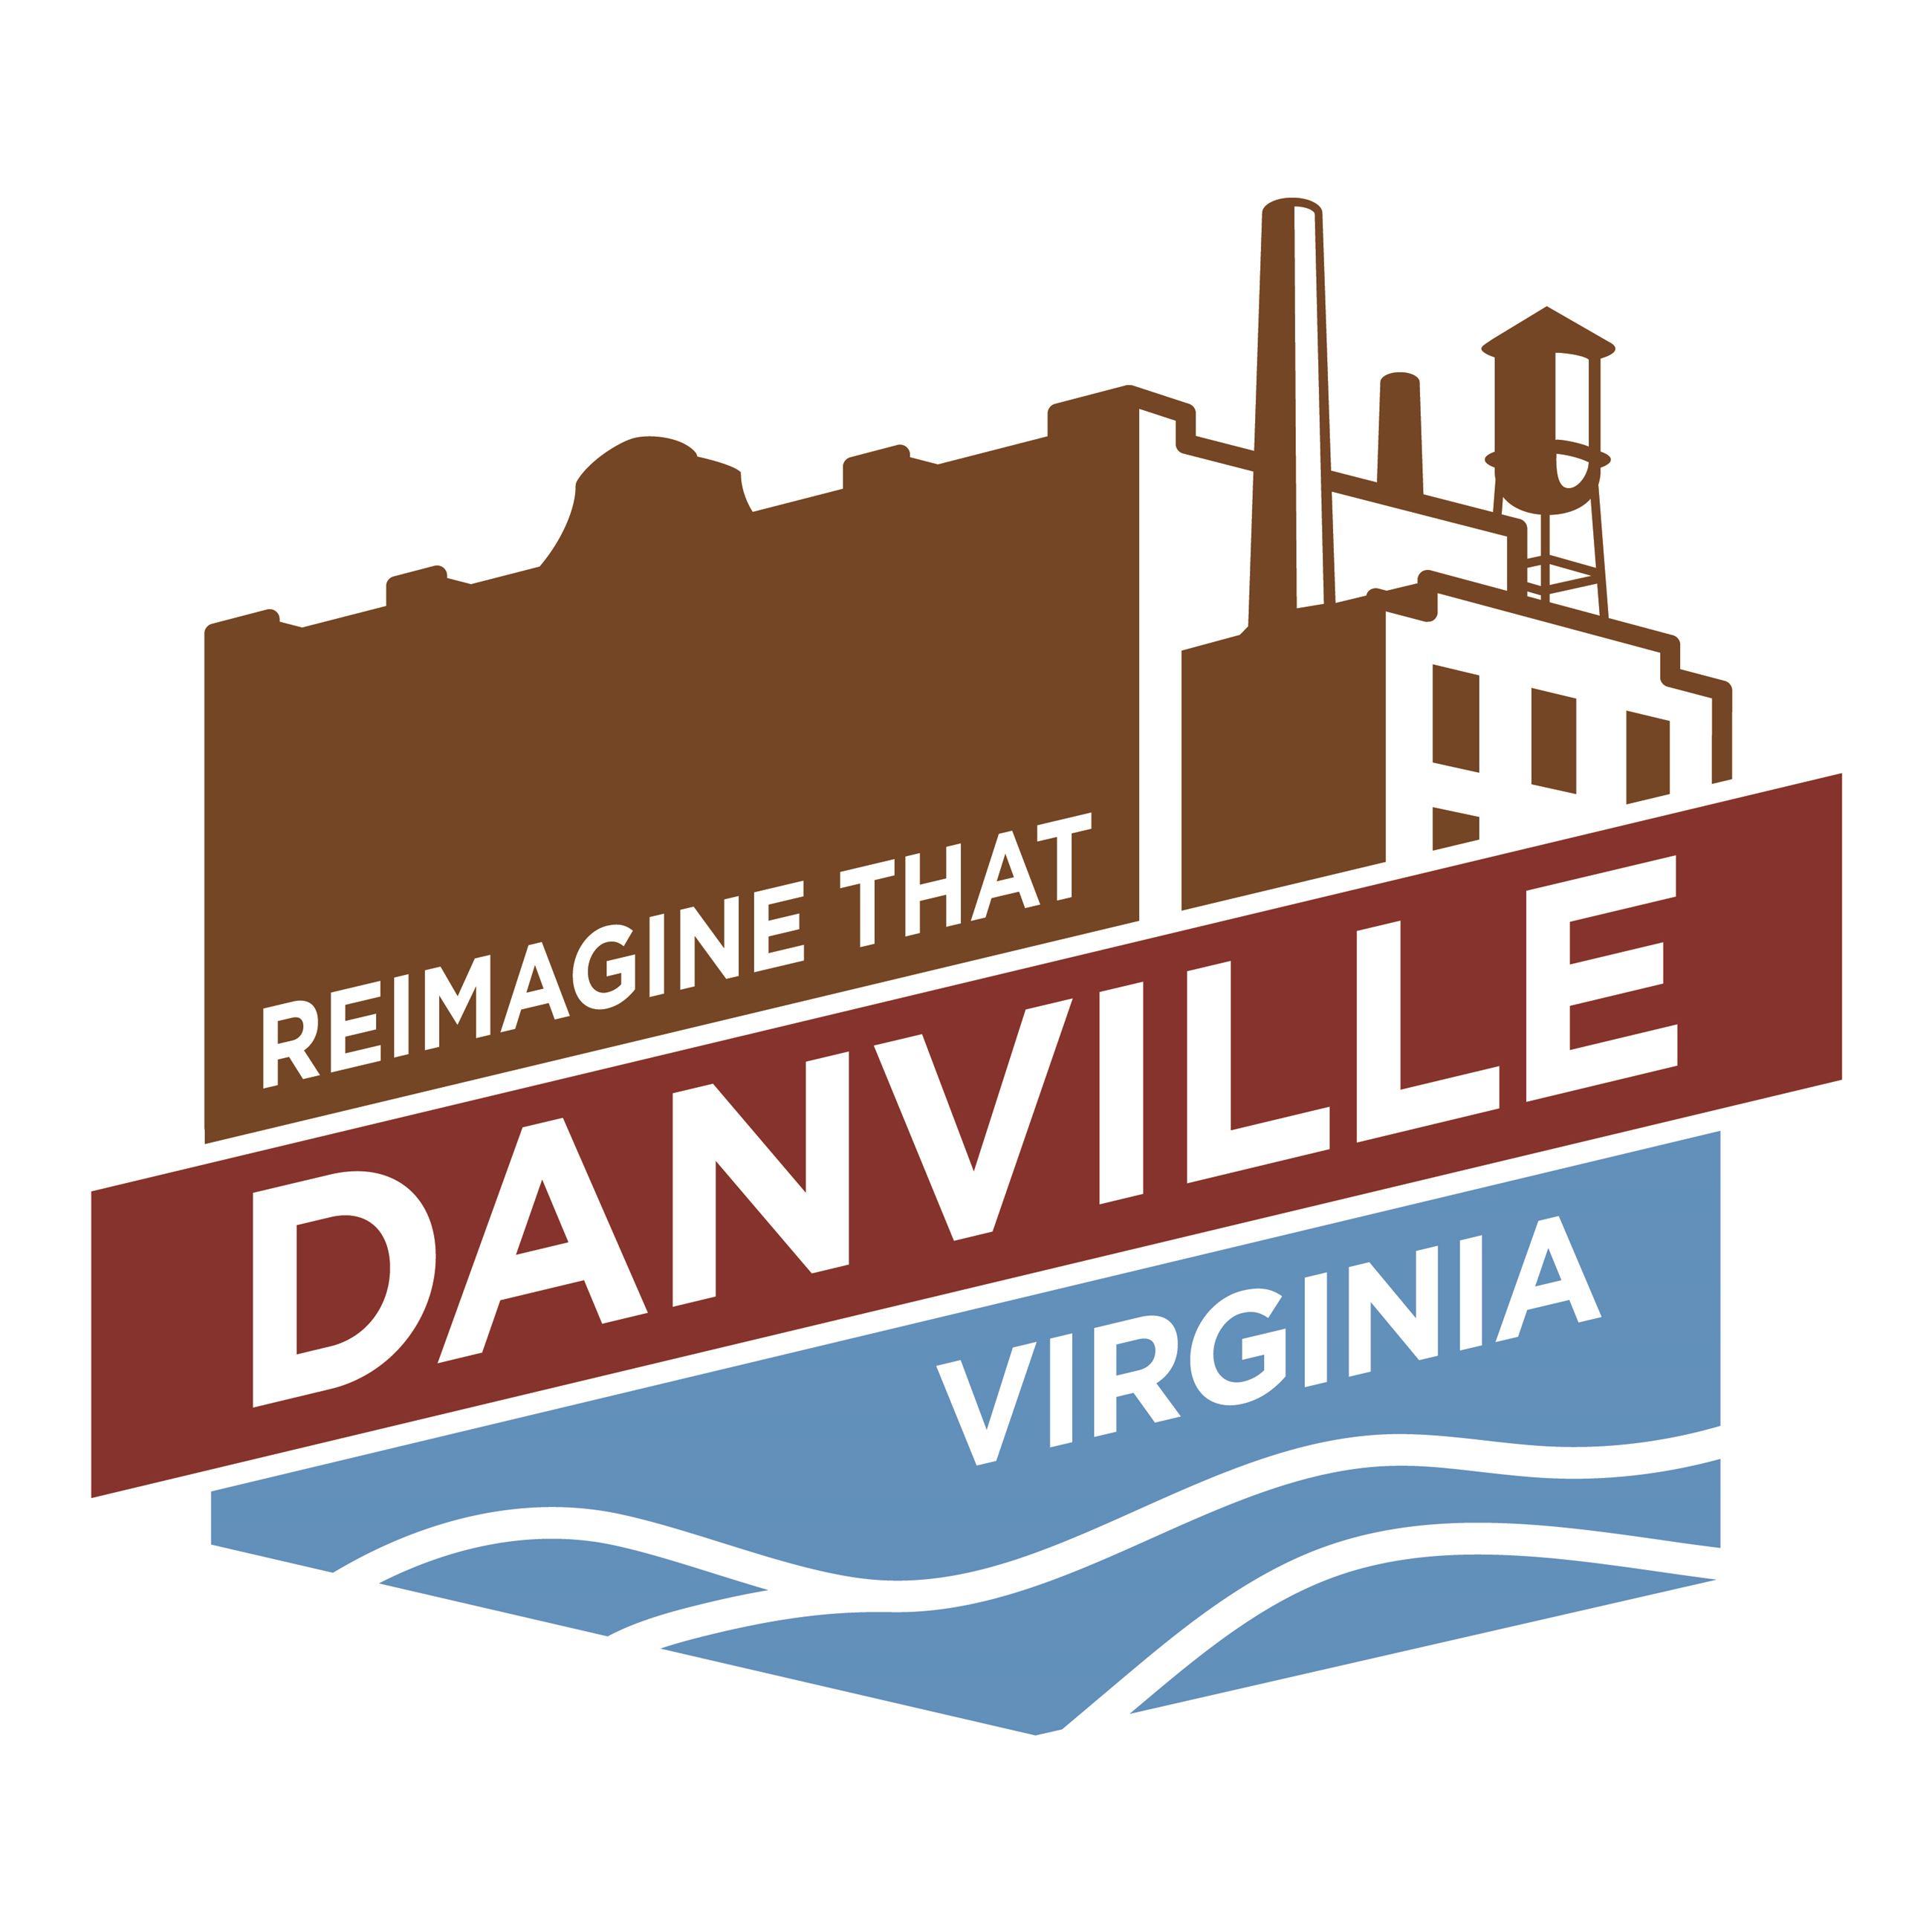 Danville, VA - Official Website